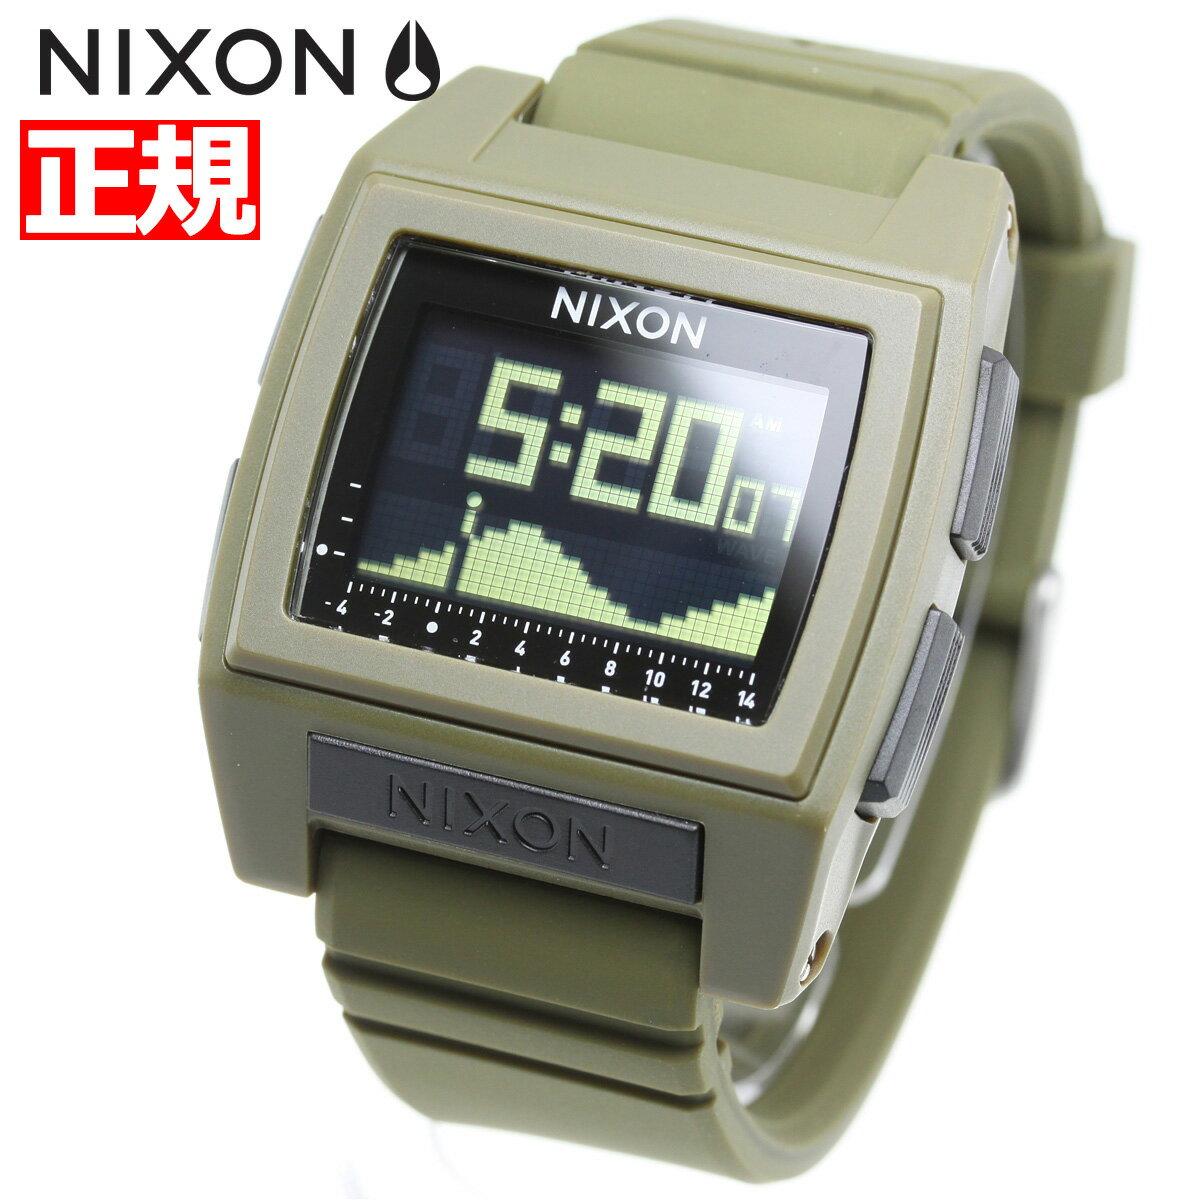 本日ポイント最大37倍!26日1時59分まで!ニクソン NIXON ベースタイド プロ BASE TIDE PRO 腕時計 メンズ レディース SURPLUS NA12121085-00【2018 新作】